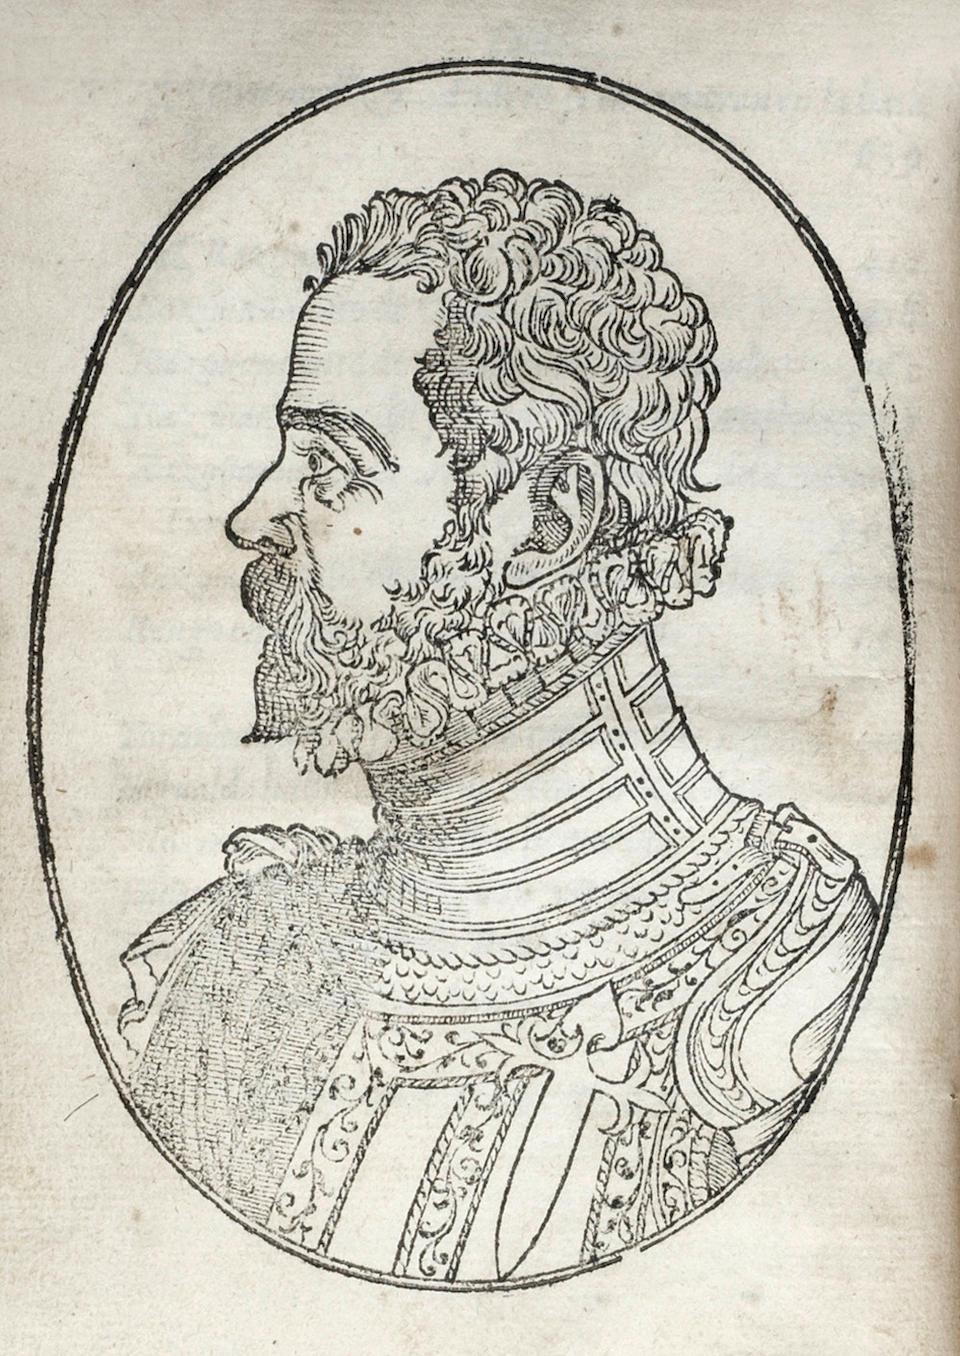 ERCILLA Y ZUNIGA (ALONSO DE) Primera y segunda parte de la Araucana, 2 parts in 1 vol., FIRST EDITION TO INCLUDE PART 2, Madrid, Pierre Cosin, 1578